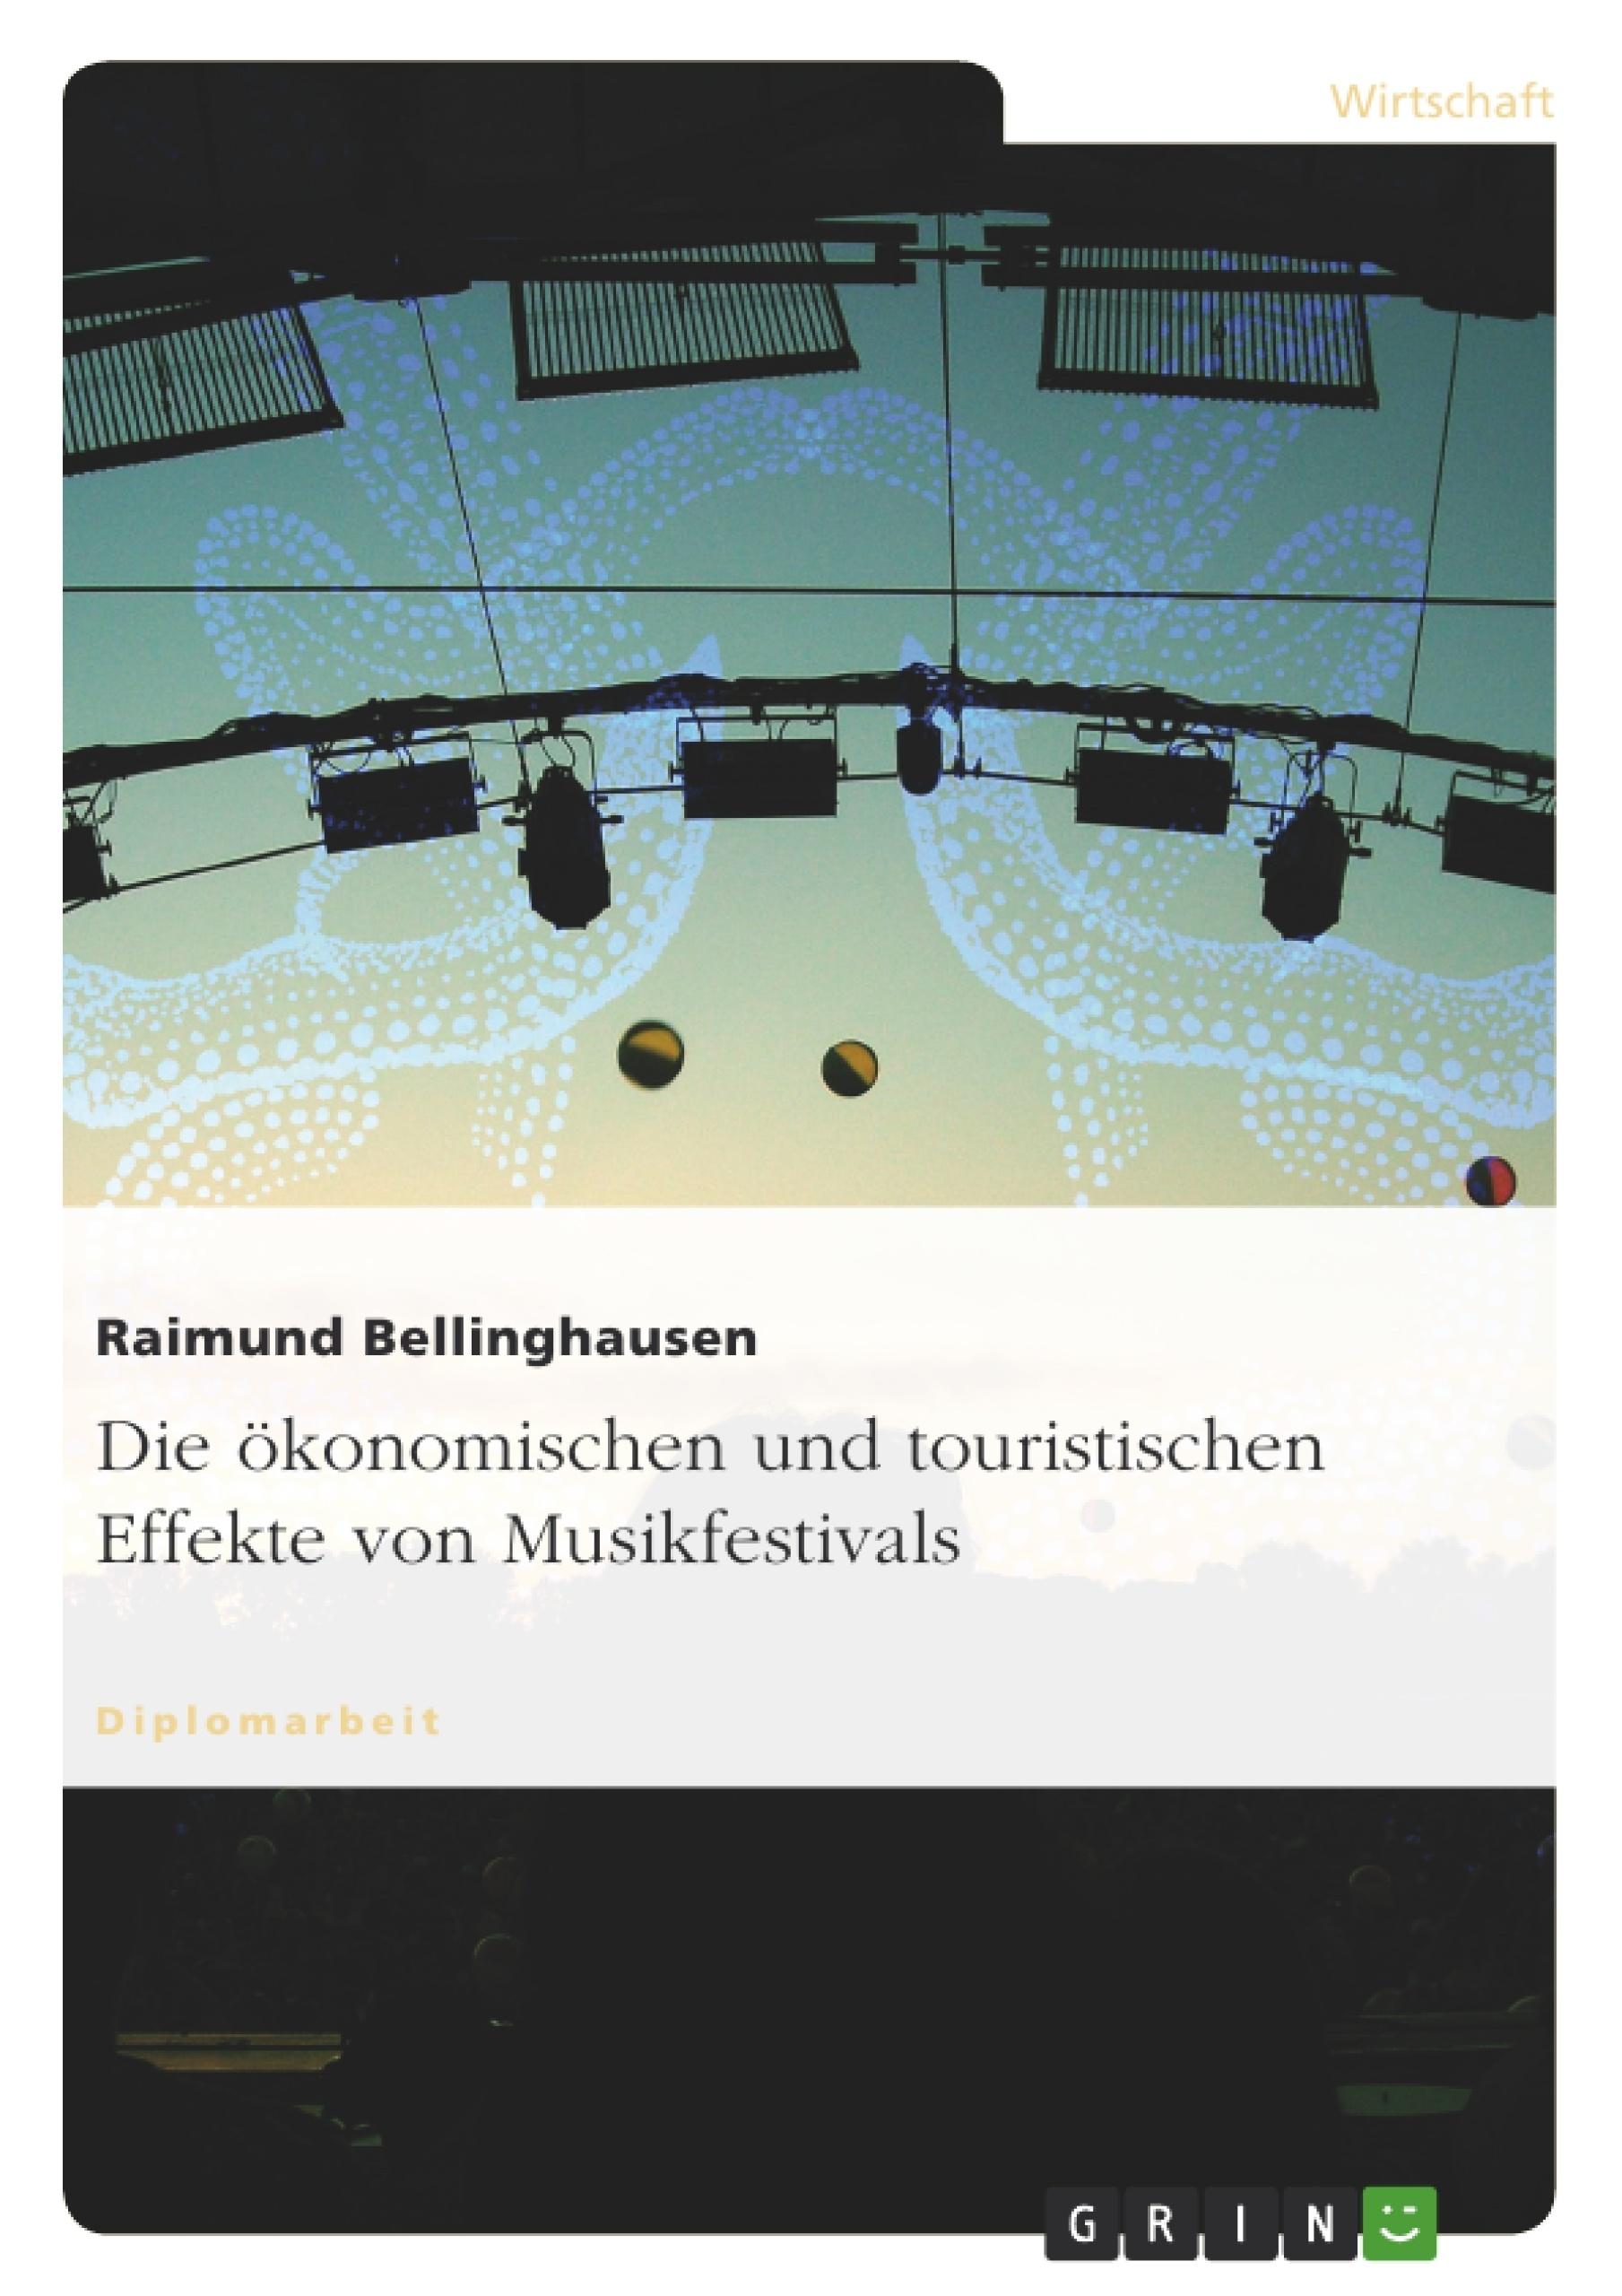 Titel: Die ökonomischen und touristischen Effekte von Musikfestivals